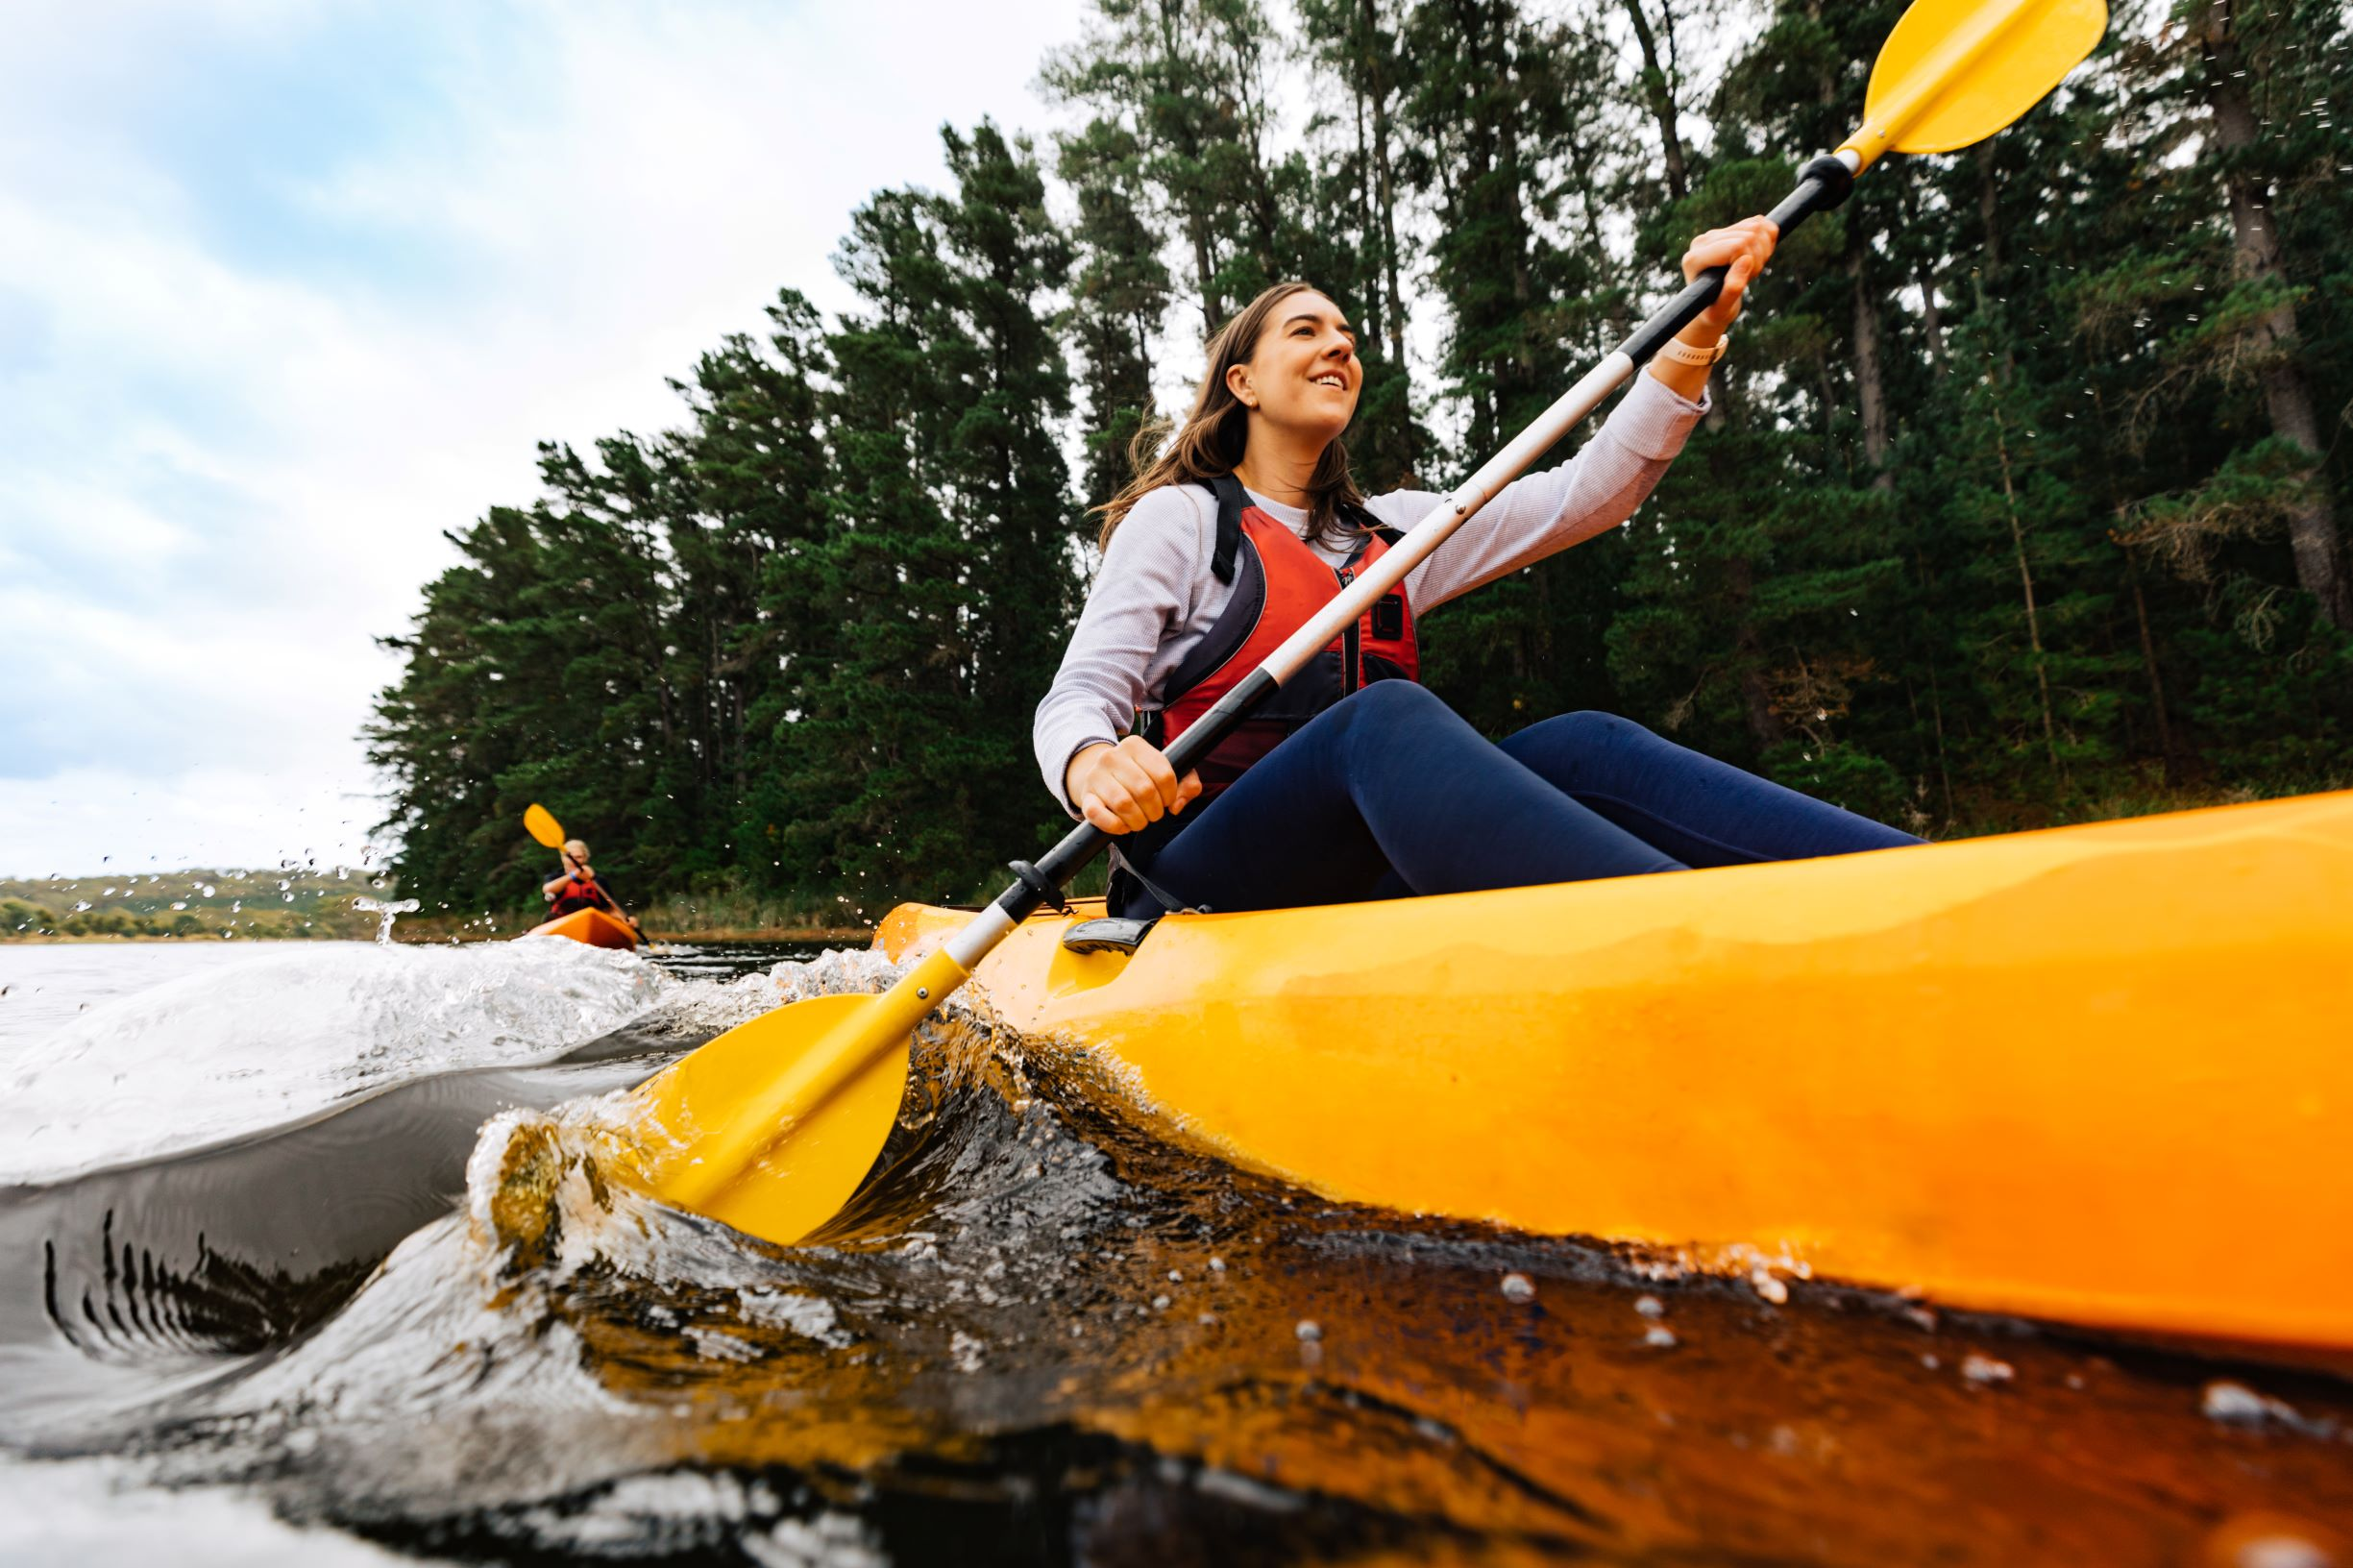 Kayaking at Myponga Reservoir